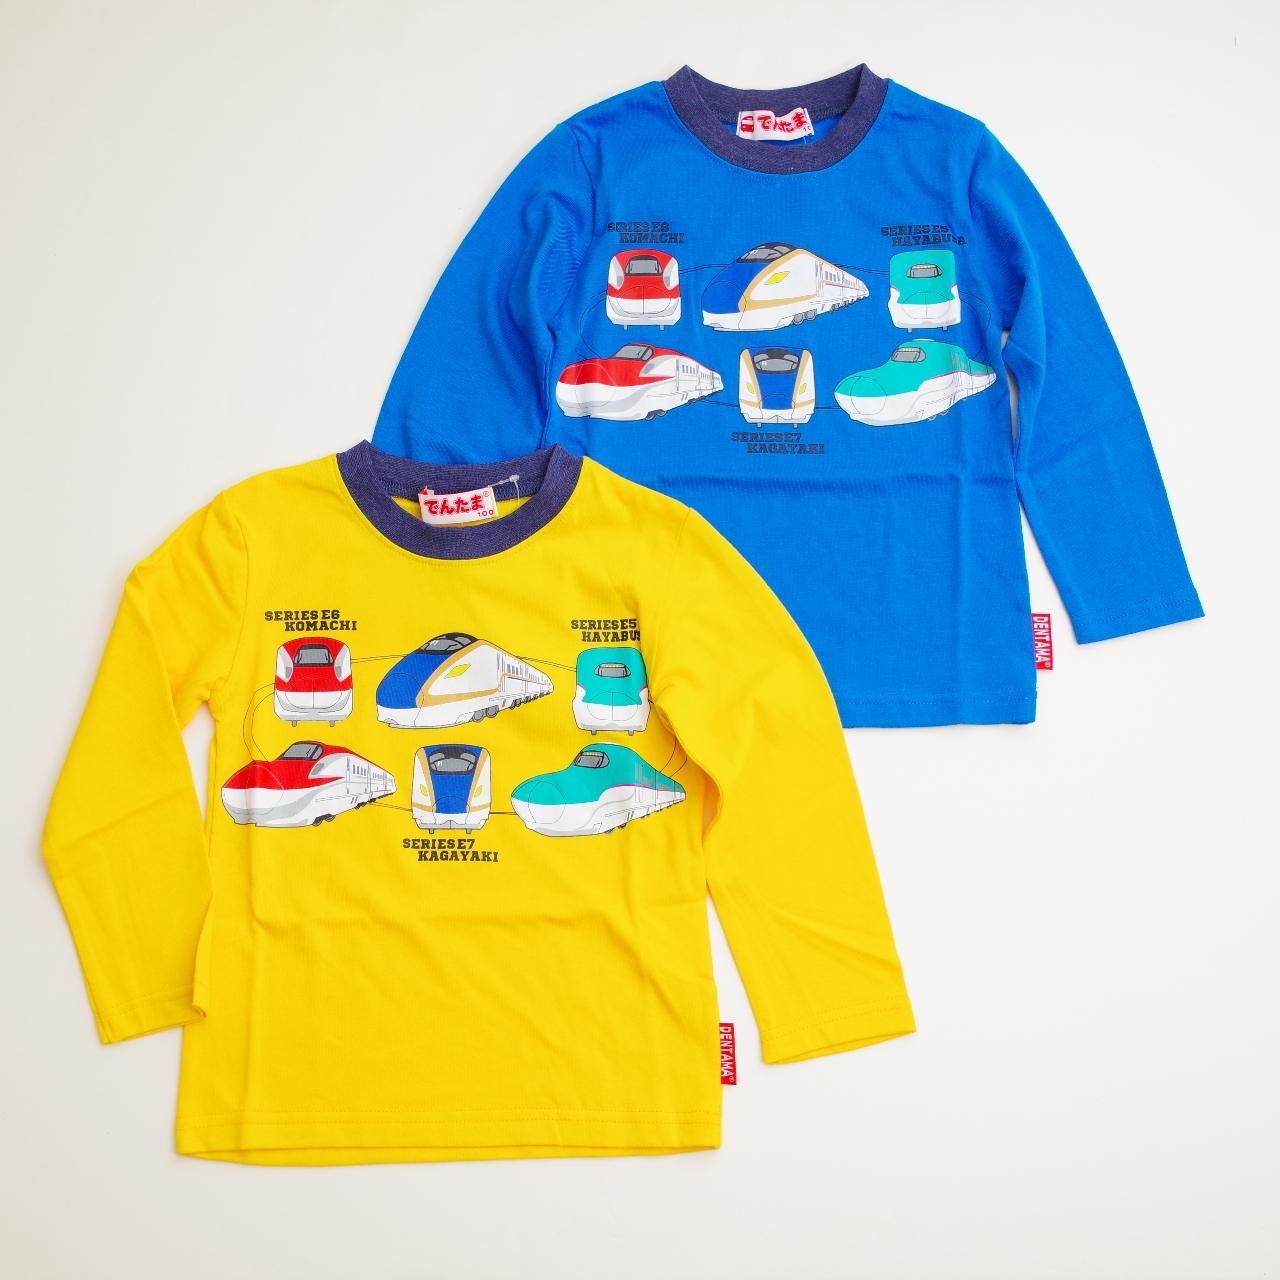 でんたま(新幹線) 長袖Tシャツ 100cm-130cm(743DT4011)